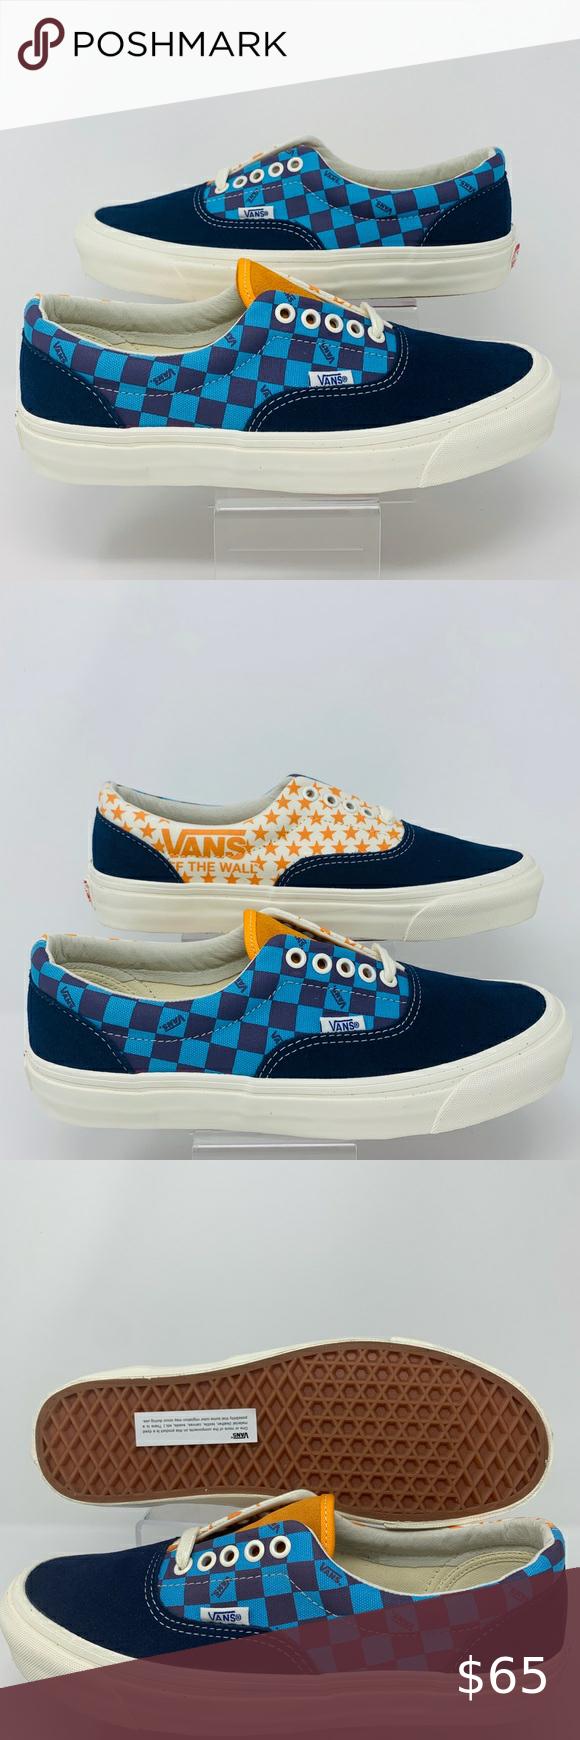 Vans Og Era Lx Vault Checkerboard Stars Pack Vans Vans Classic Slip On Sneaker Unisex Shoes